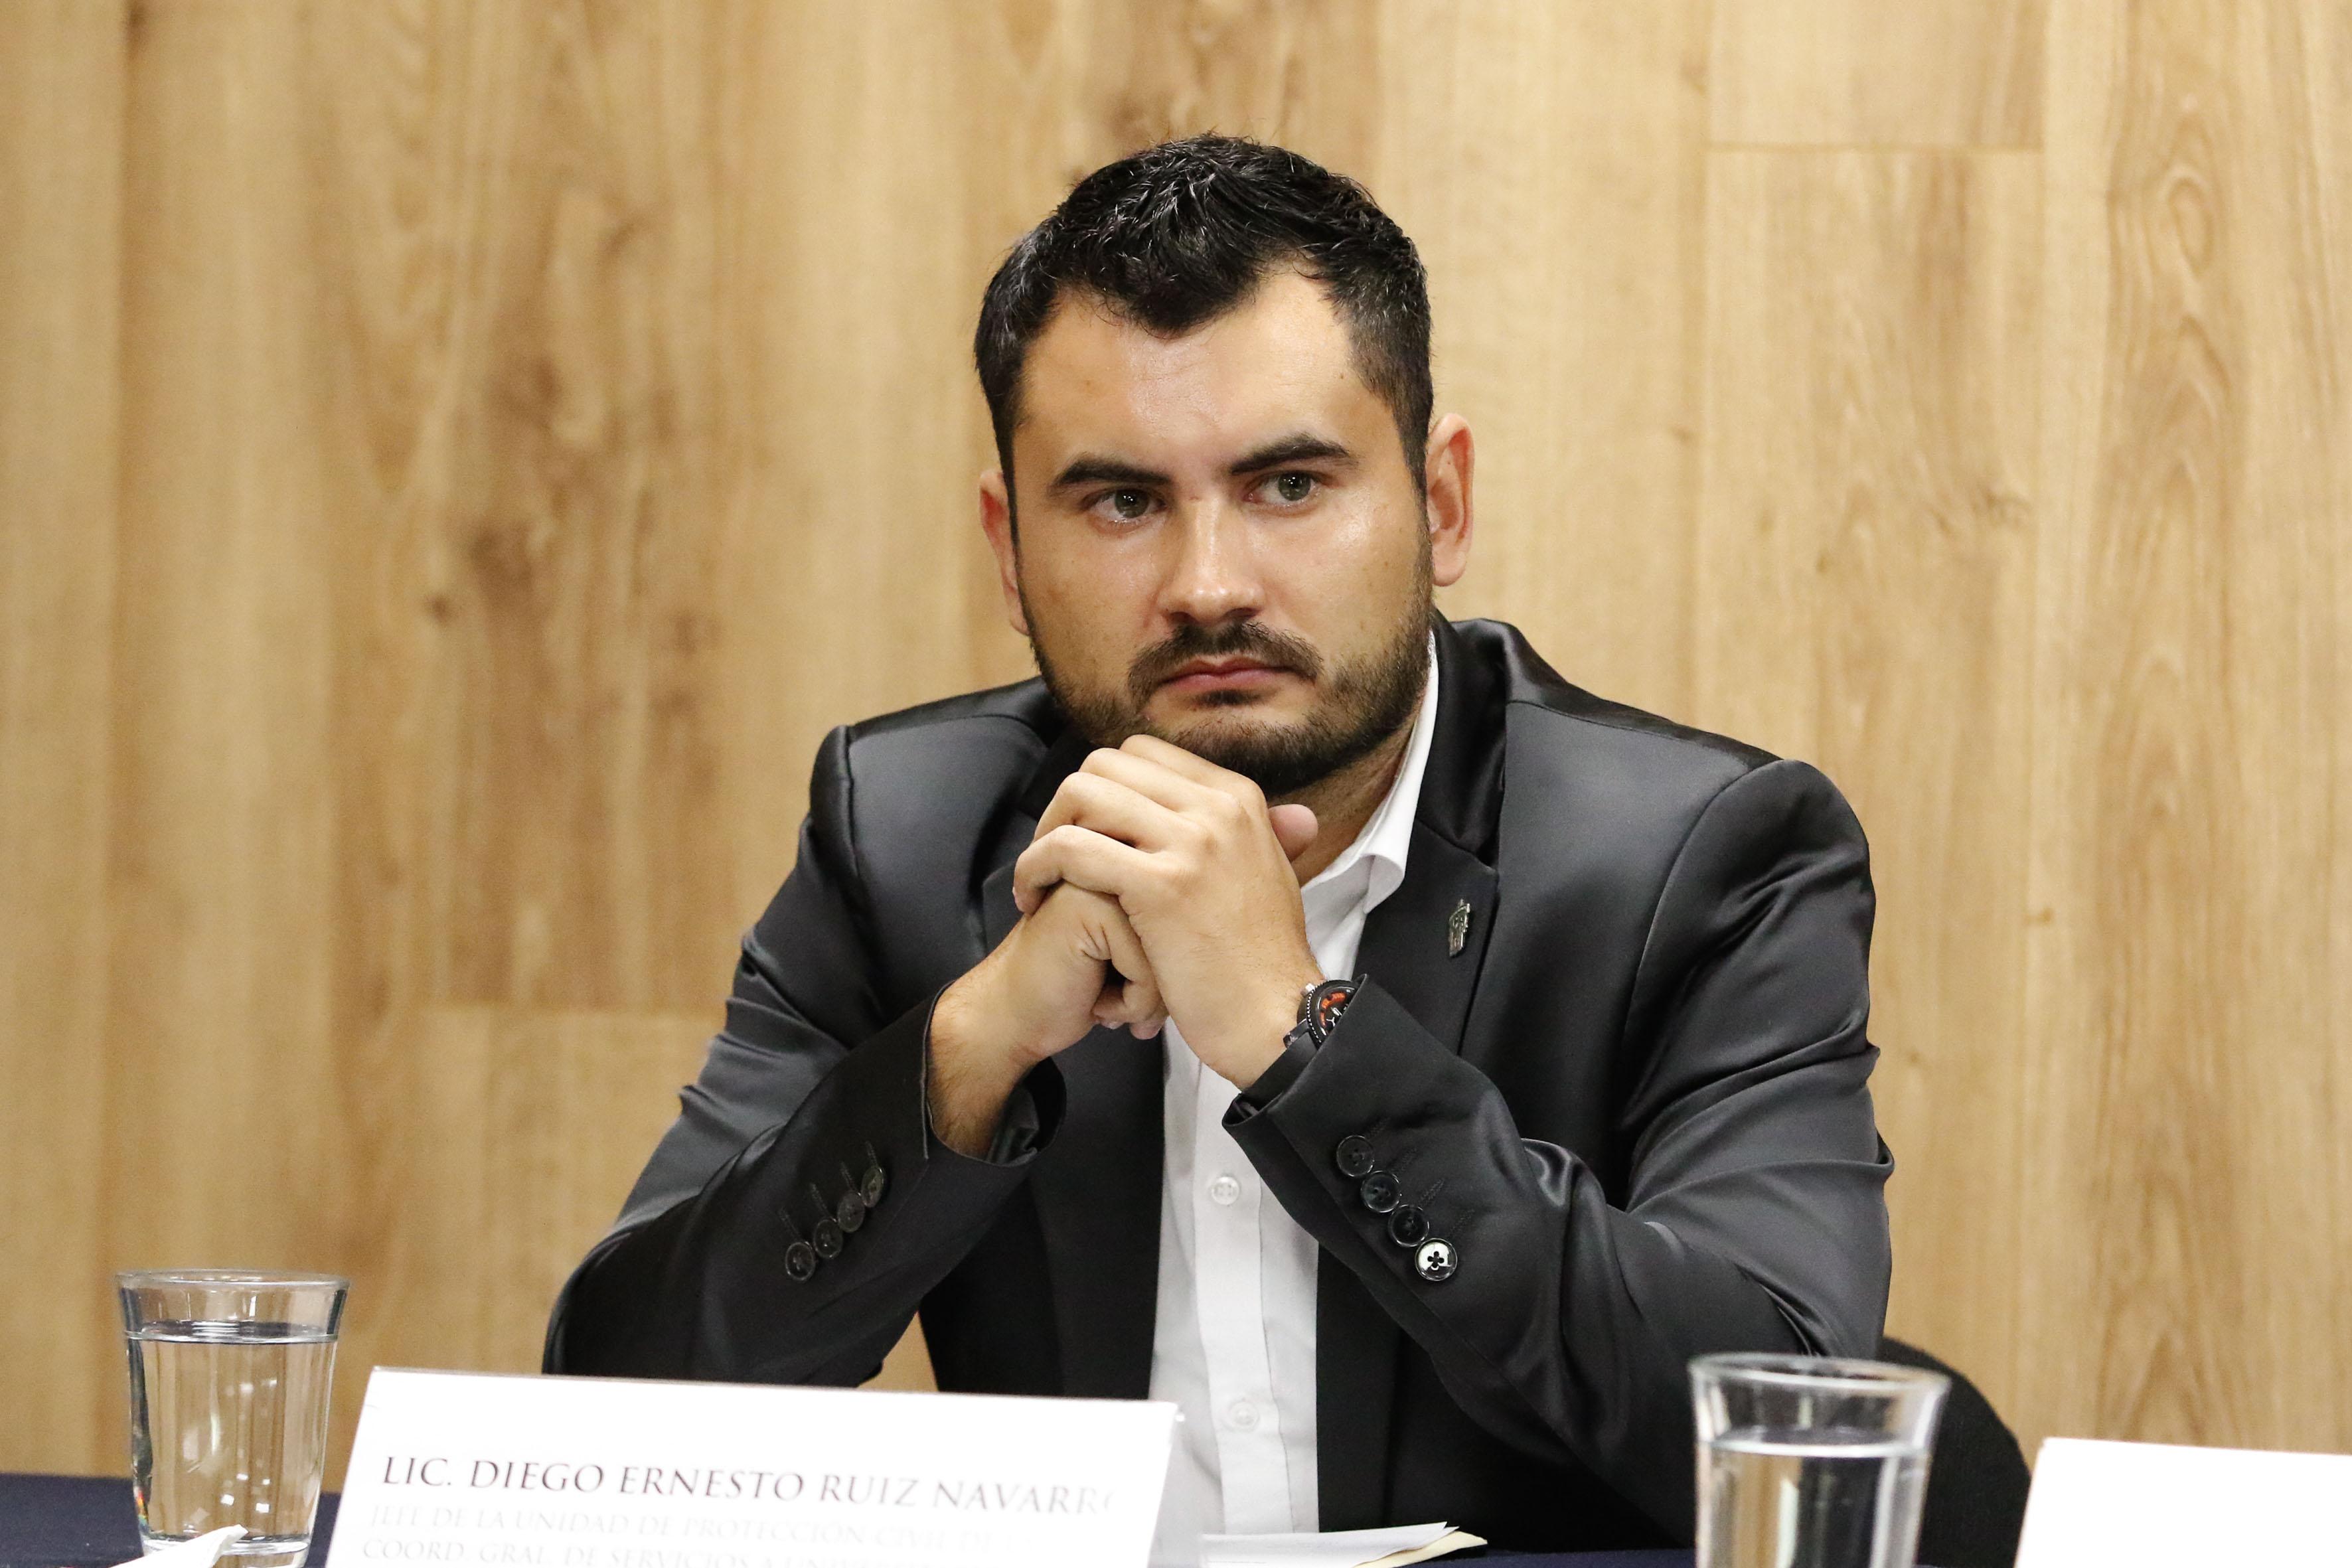 Lic Diego Ernesto Ruiz Navarro, jefe de la Unidad de Protección Civil, adscrita a la Coordinación General de Servicios a Universitarios (CGSU) de la UdeG